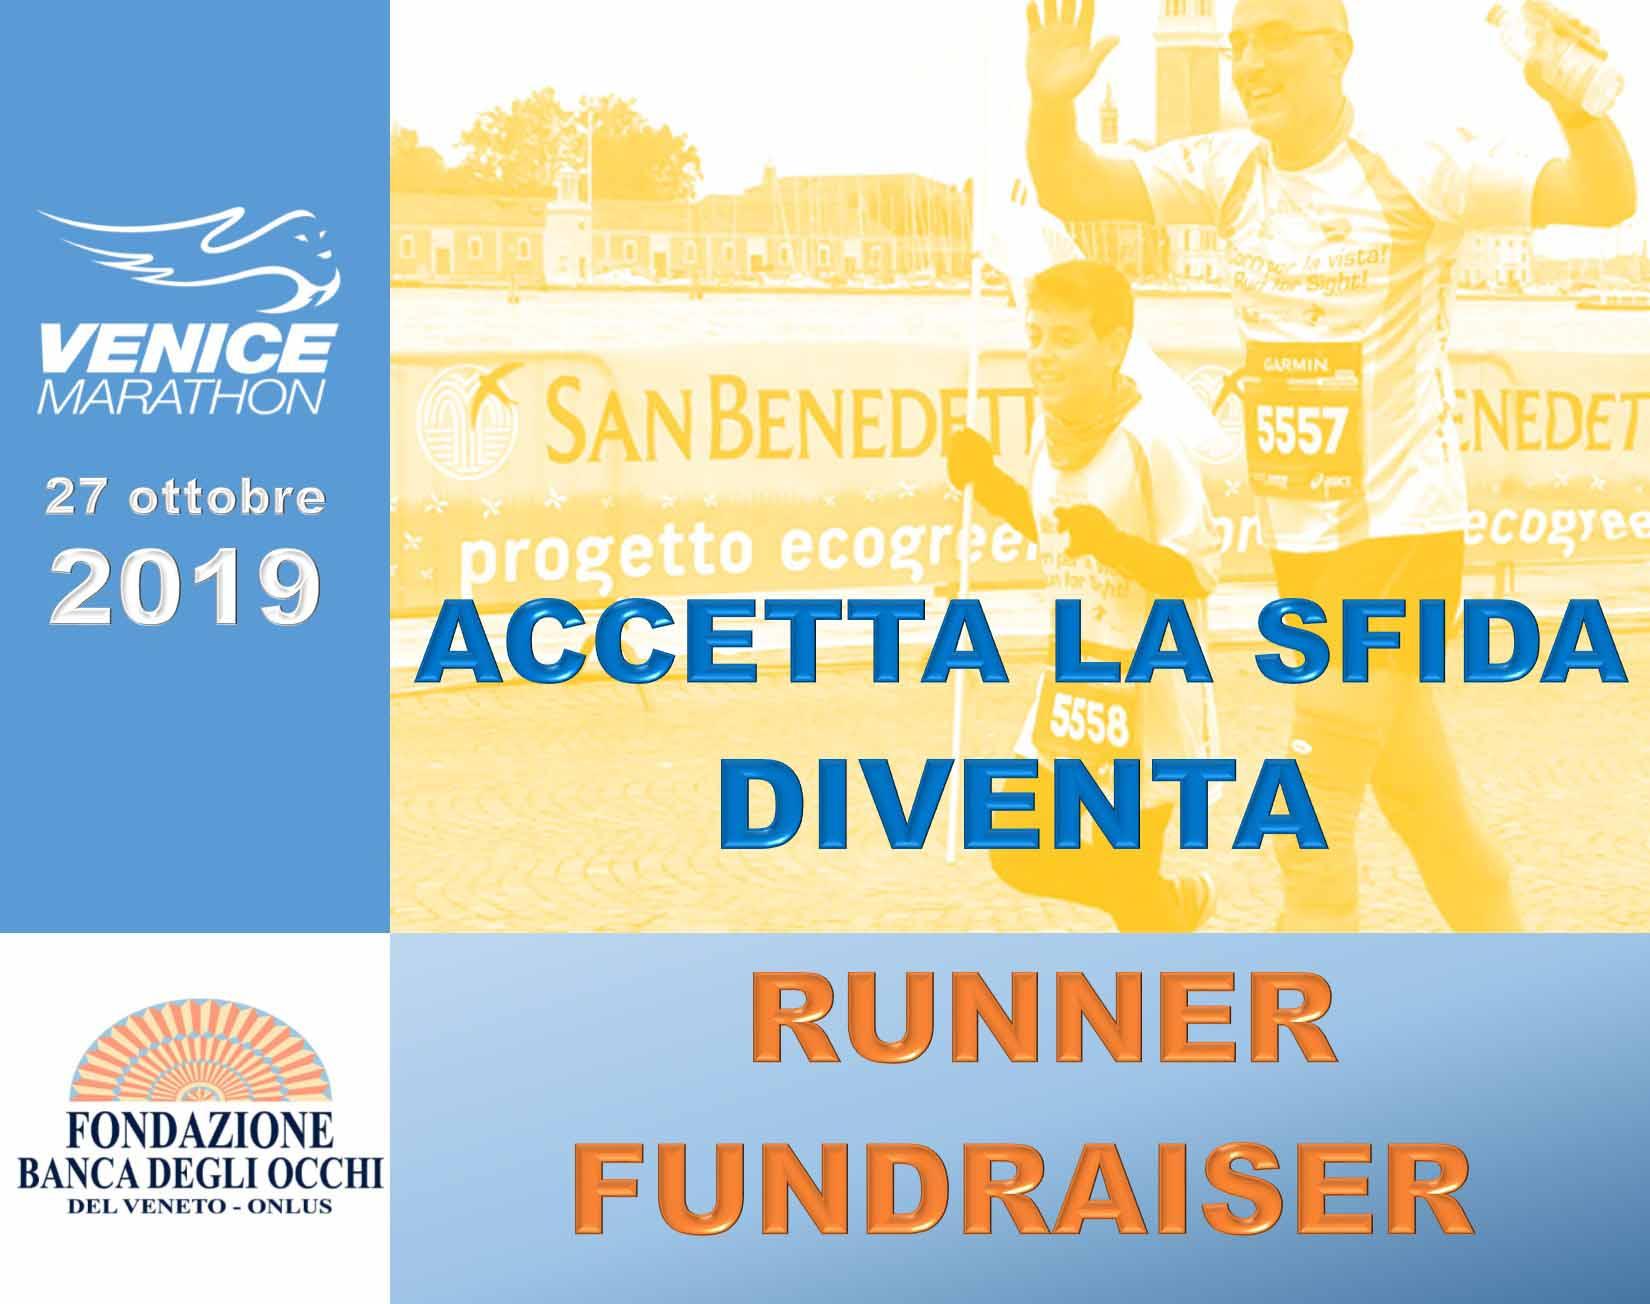 Raccogli fondi per la ricerca alla Venicemarathon